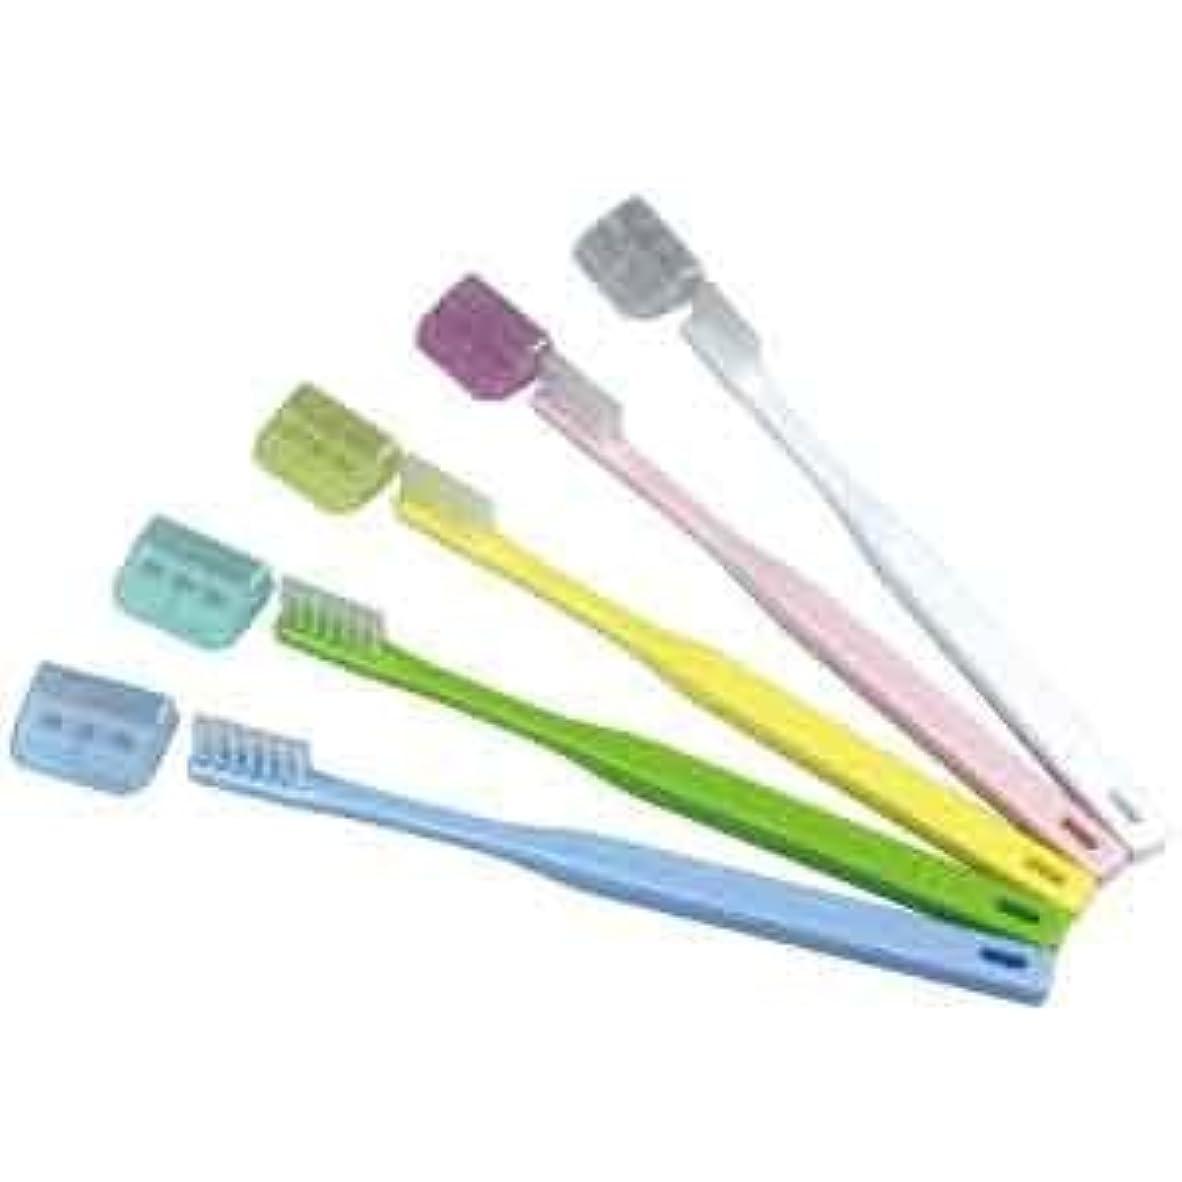 シーフード処方モザイクV-7 歯ブラシ ふつう レギュラーヘッド/10本入り